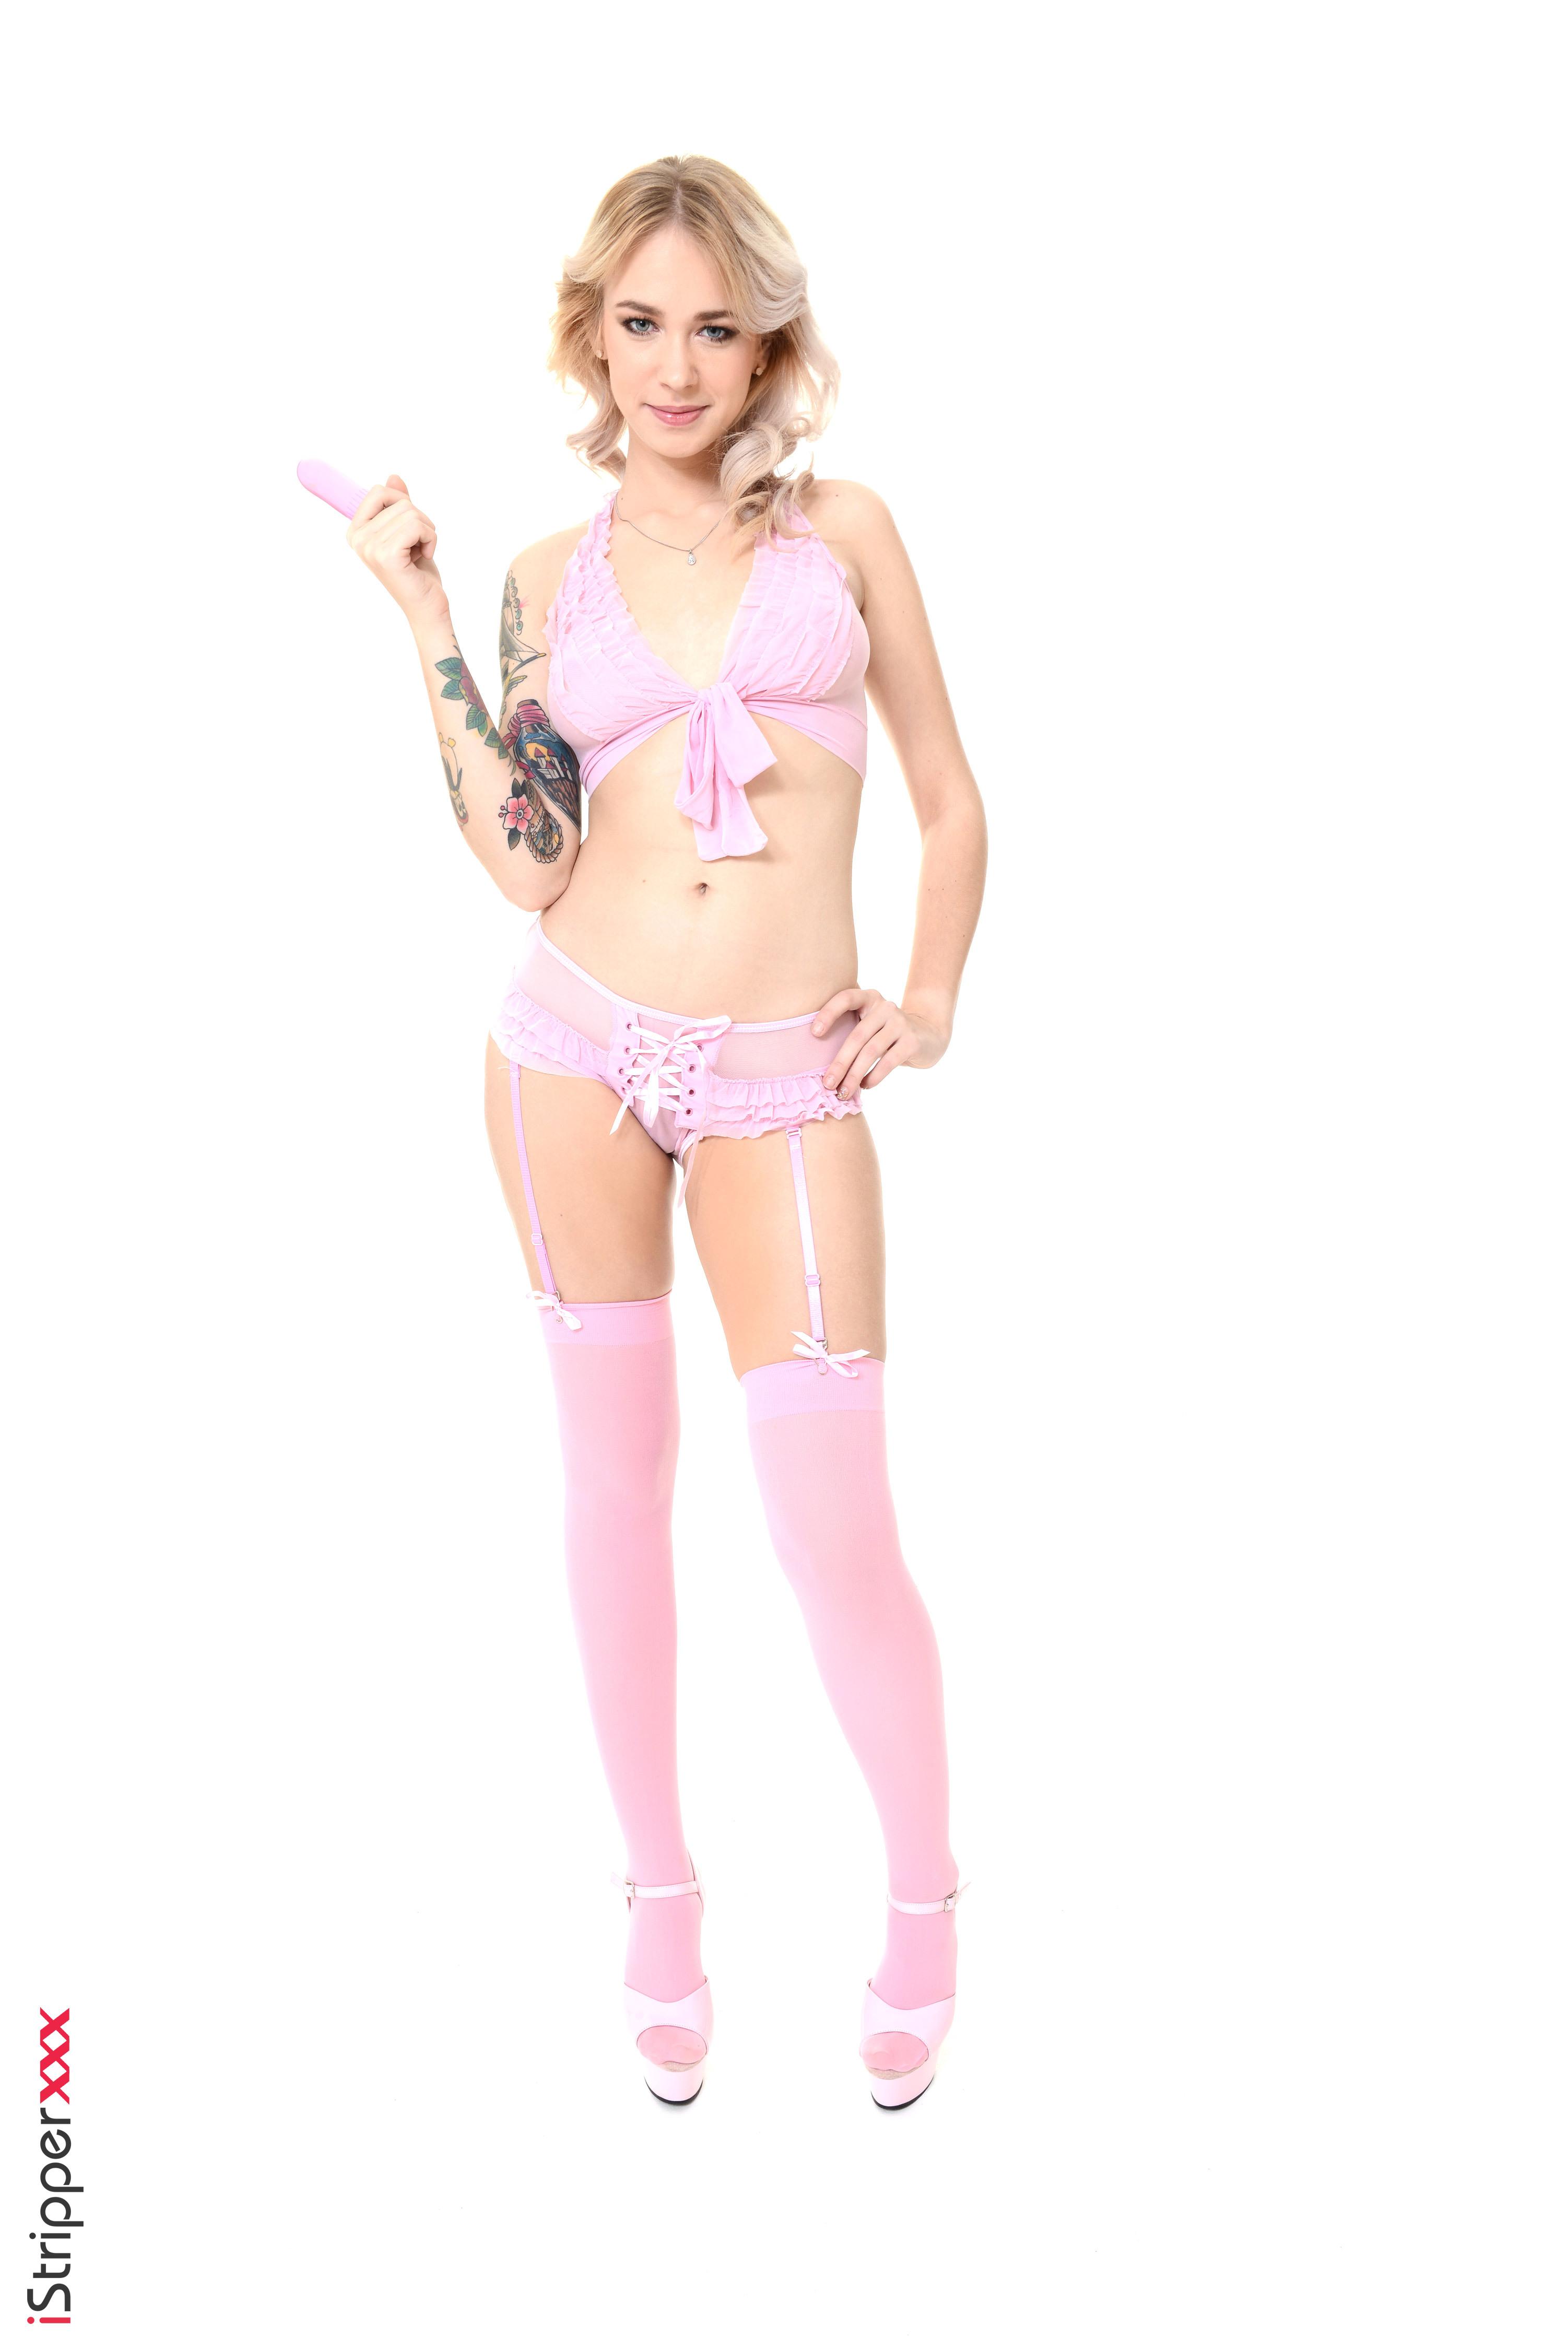 emo girls stripping